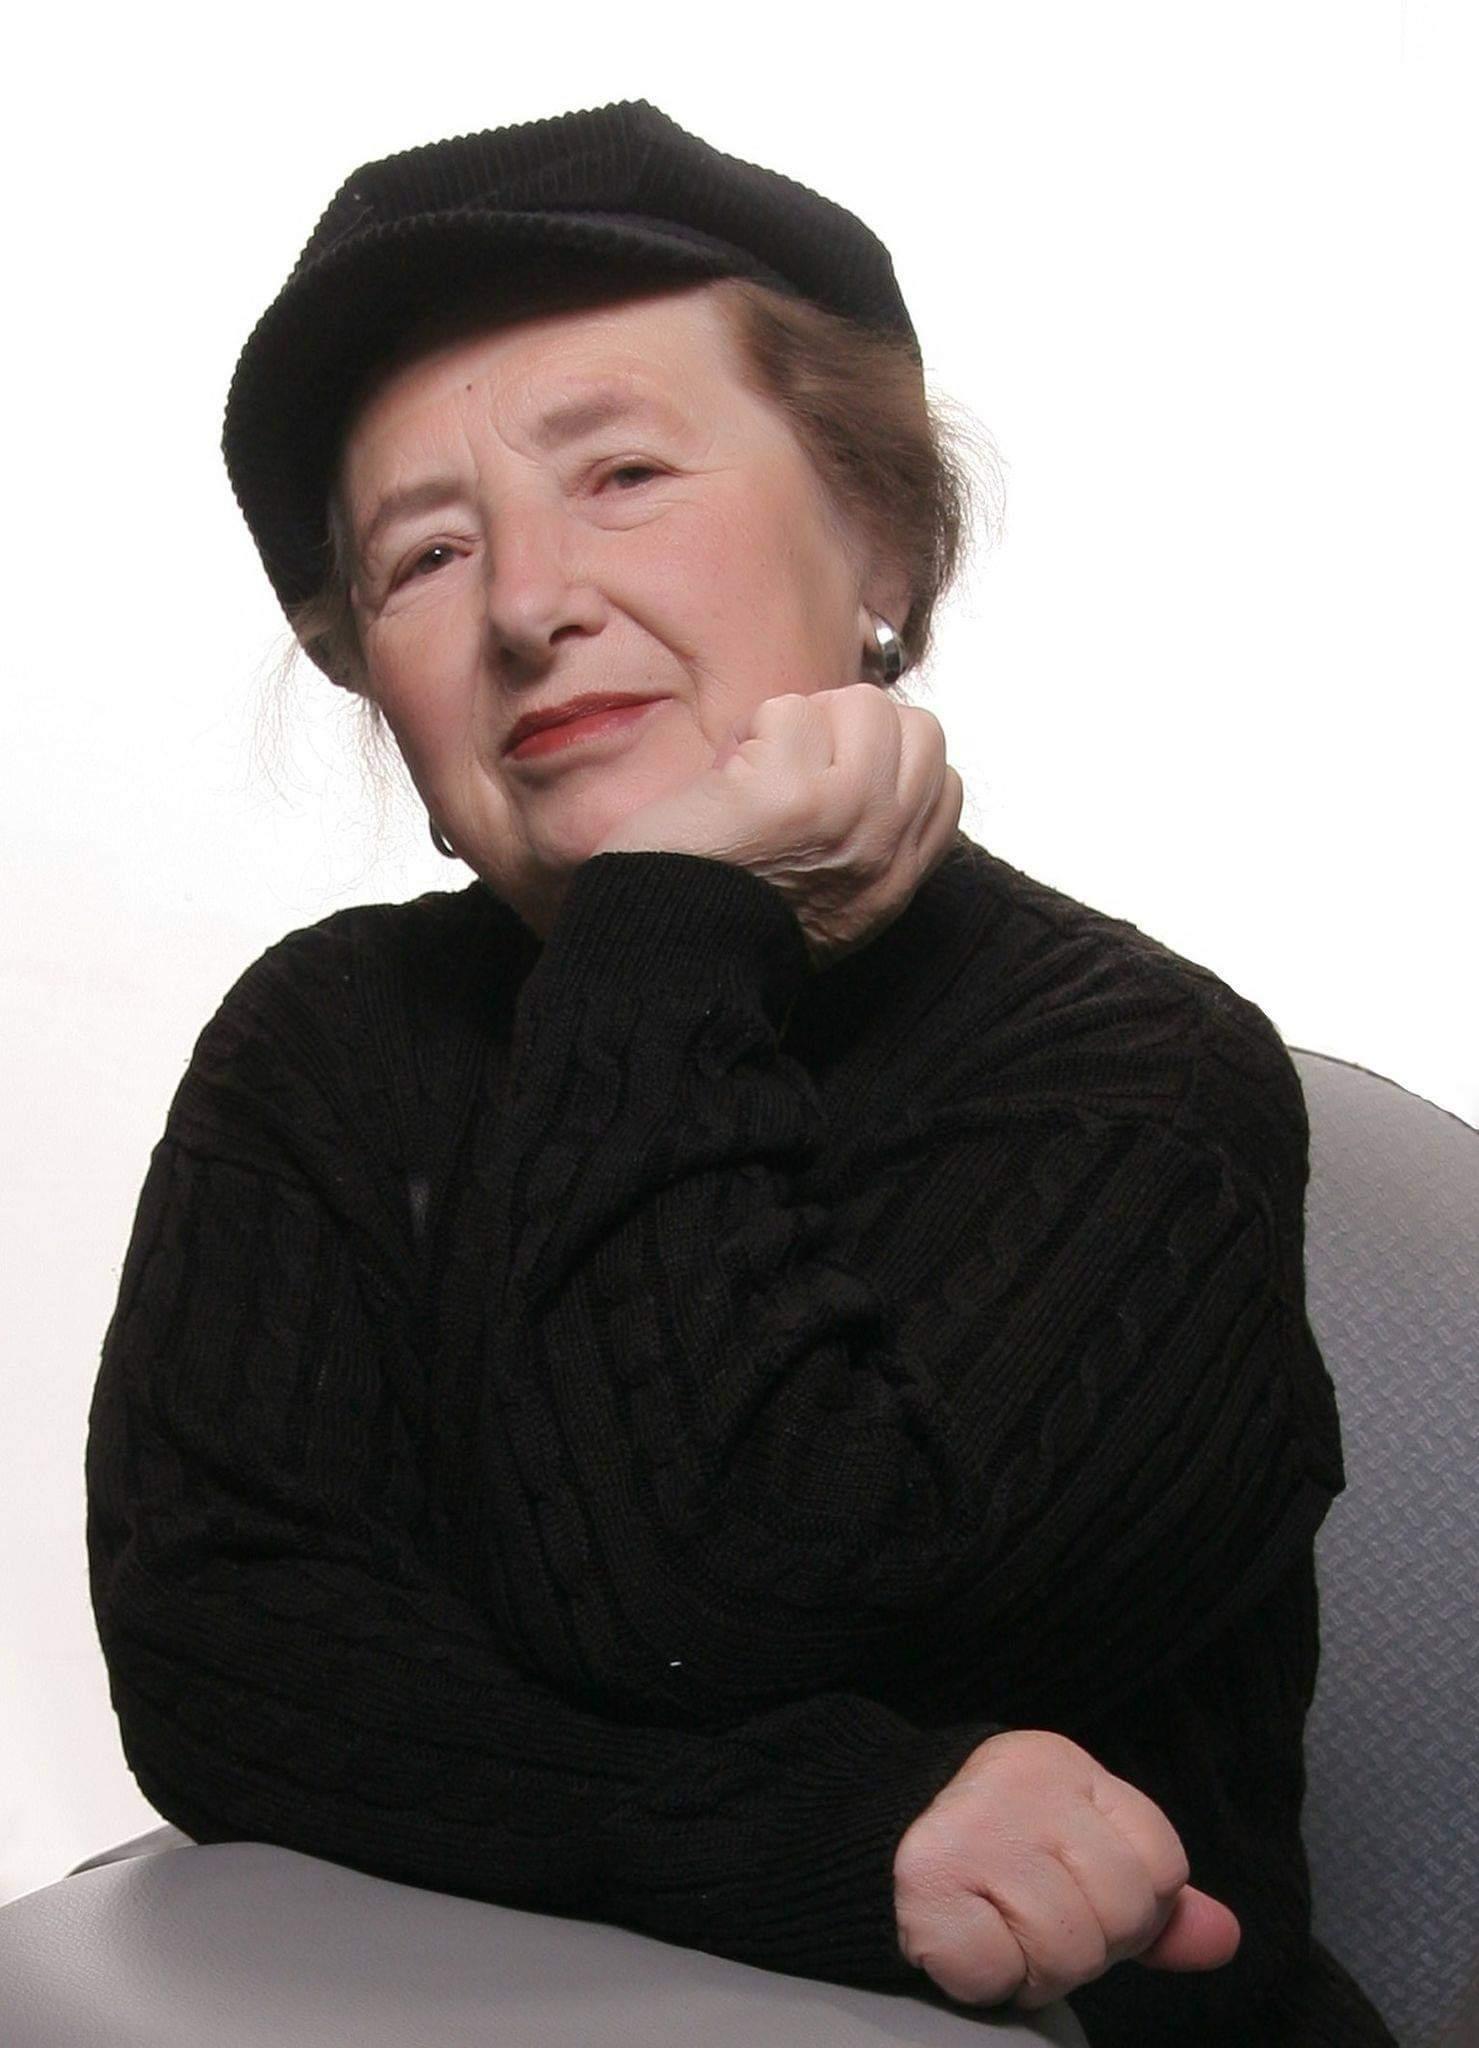 Вера Бужаровска, битолчанката која знаеше да ја прераскажи вистинската слика за Битола